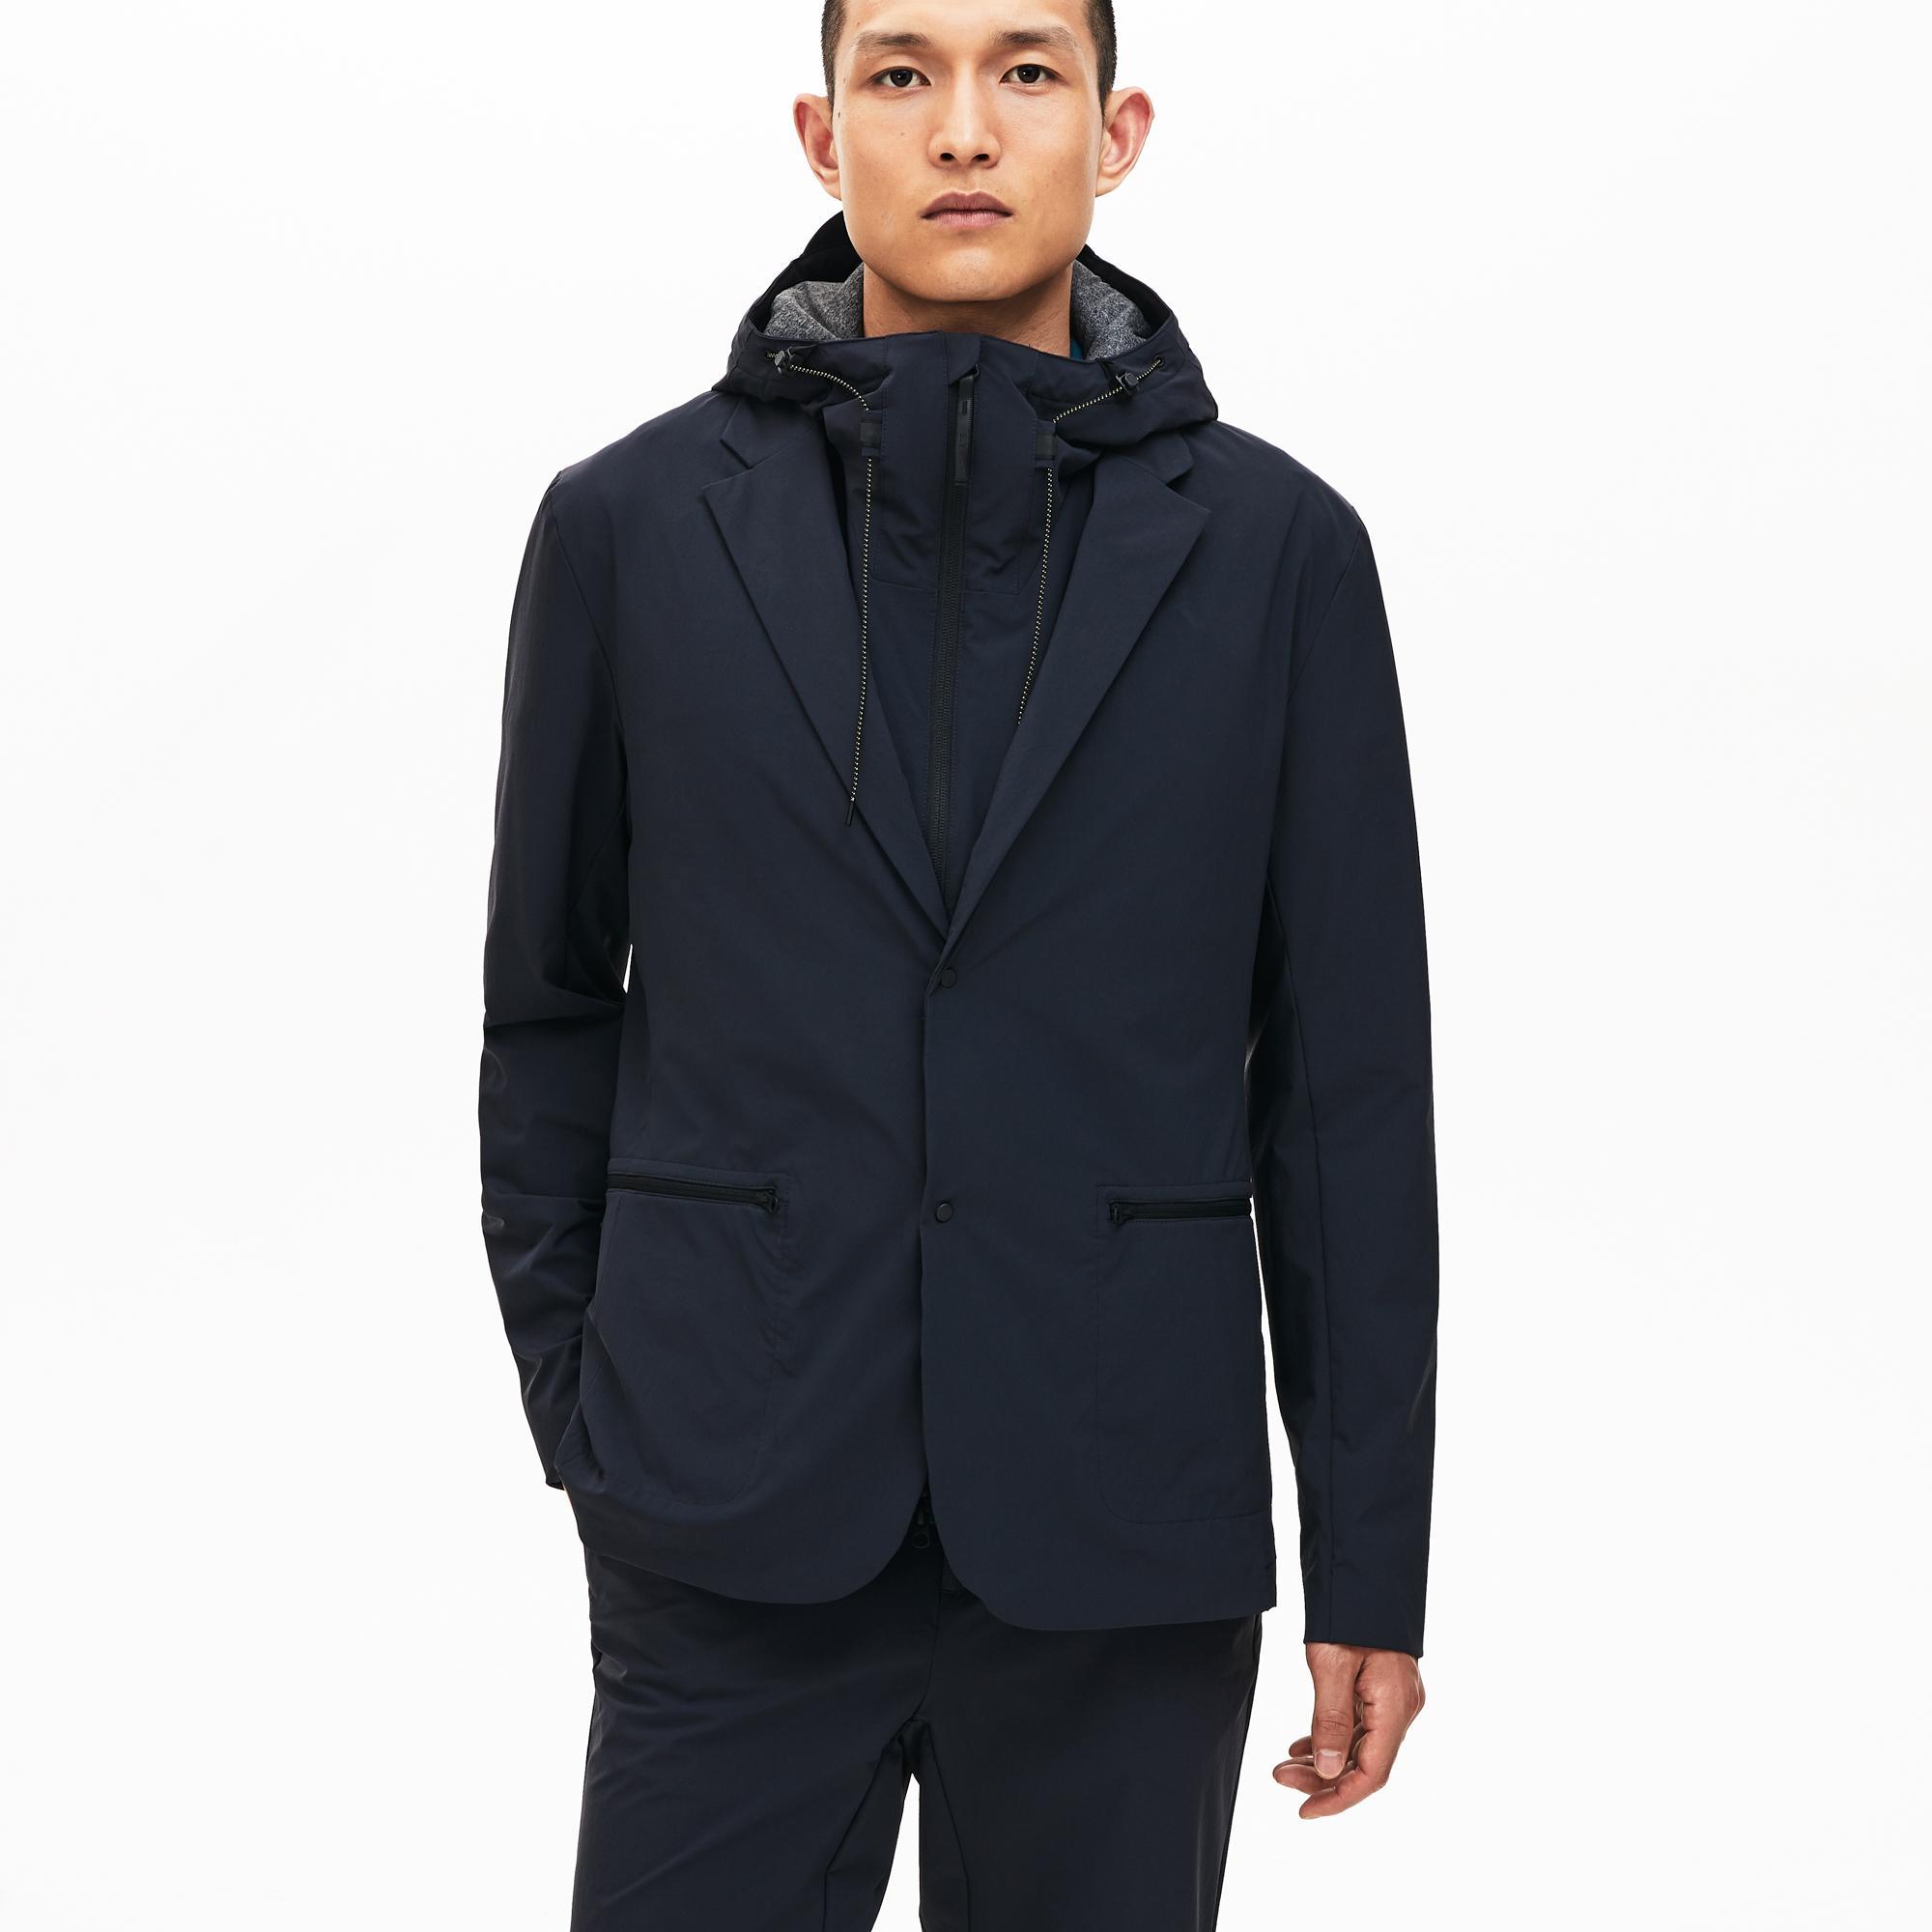 Lacoste Motion Erkek Koyu Gri Kapüşonlu 3 Farklı Kullanımlı Yağmurluk/Ceket